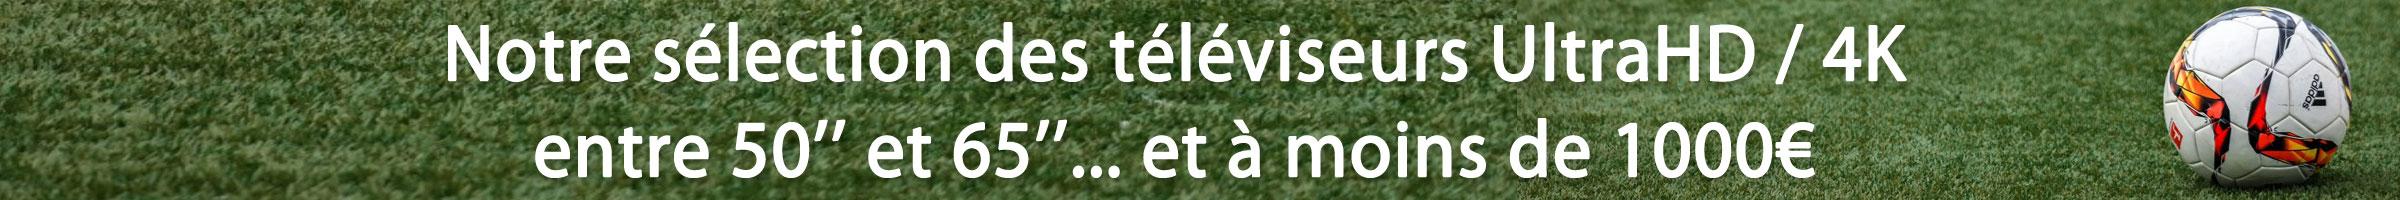 Notre sélection des téléviseurs UHD / 4K entre 50 et 65 pouces à moins de 1000€